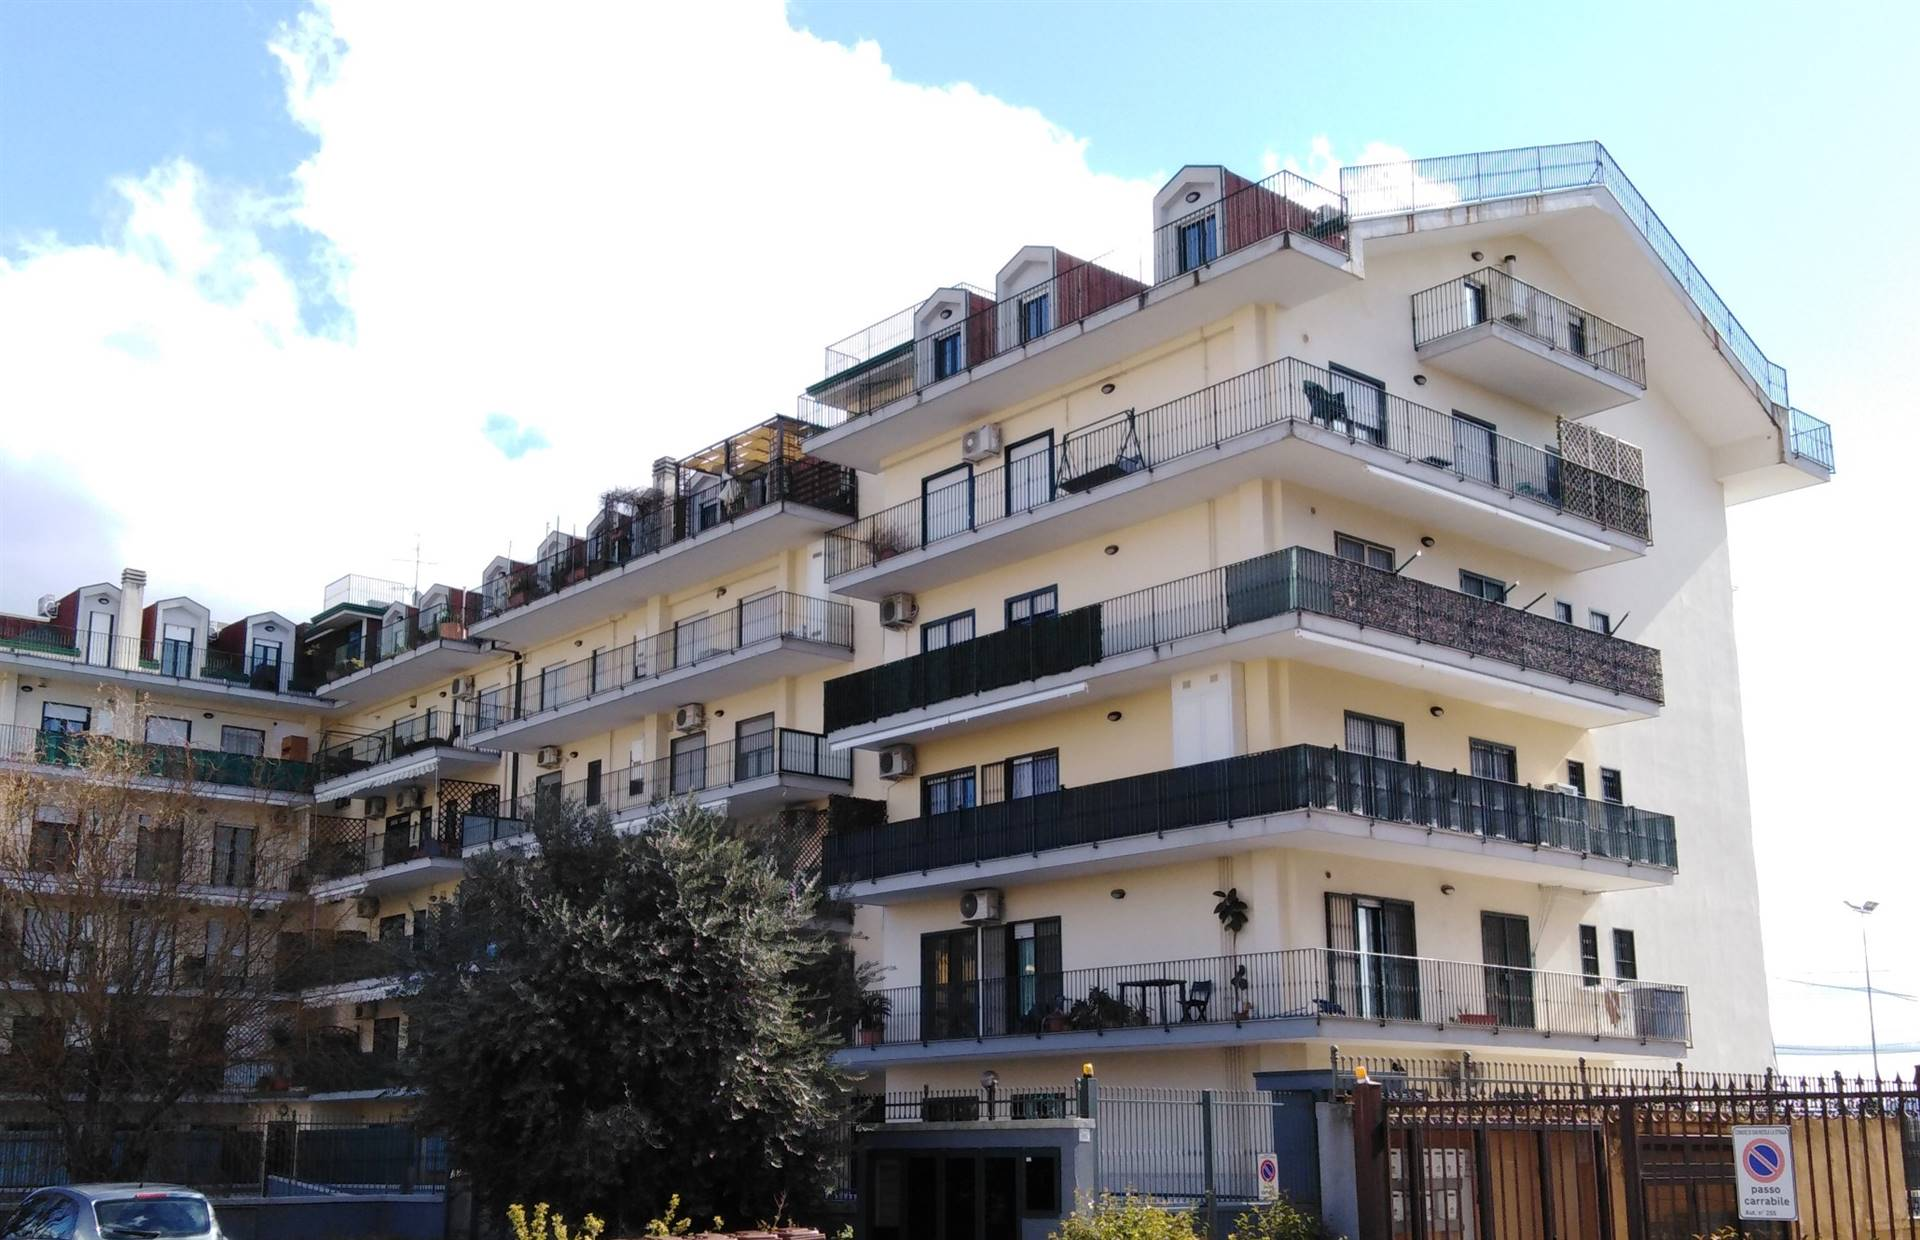 Attico / Mansarda in vendita a San Nicola la Strada, 3 locali, prezzo € 125.000   PortaleAgenzieImmobiliari.it